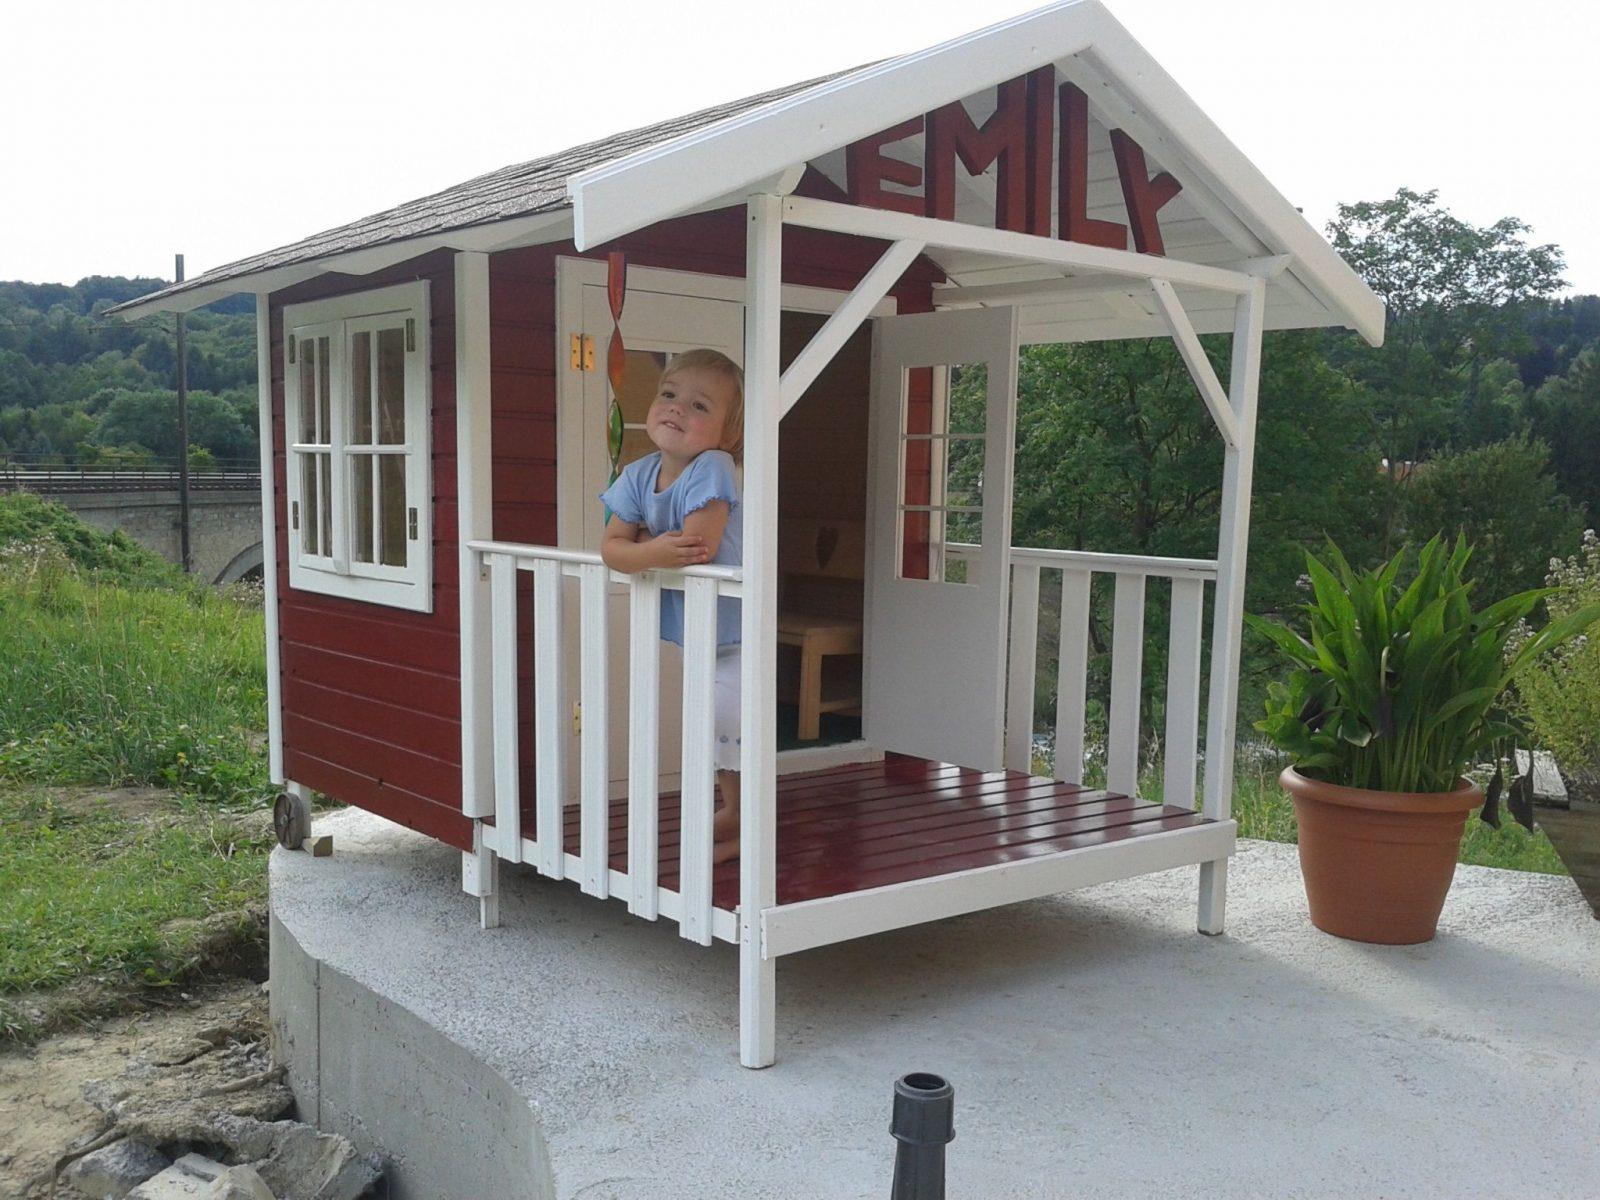 Kinderhaus Bauanleitung Zum Selber Bauen  Heimwerkerforum  Play von Spielhaus Kinder Selber Bauen Photo